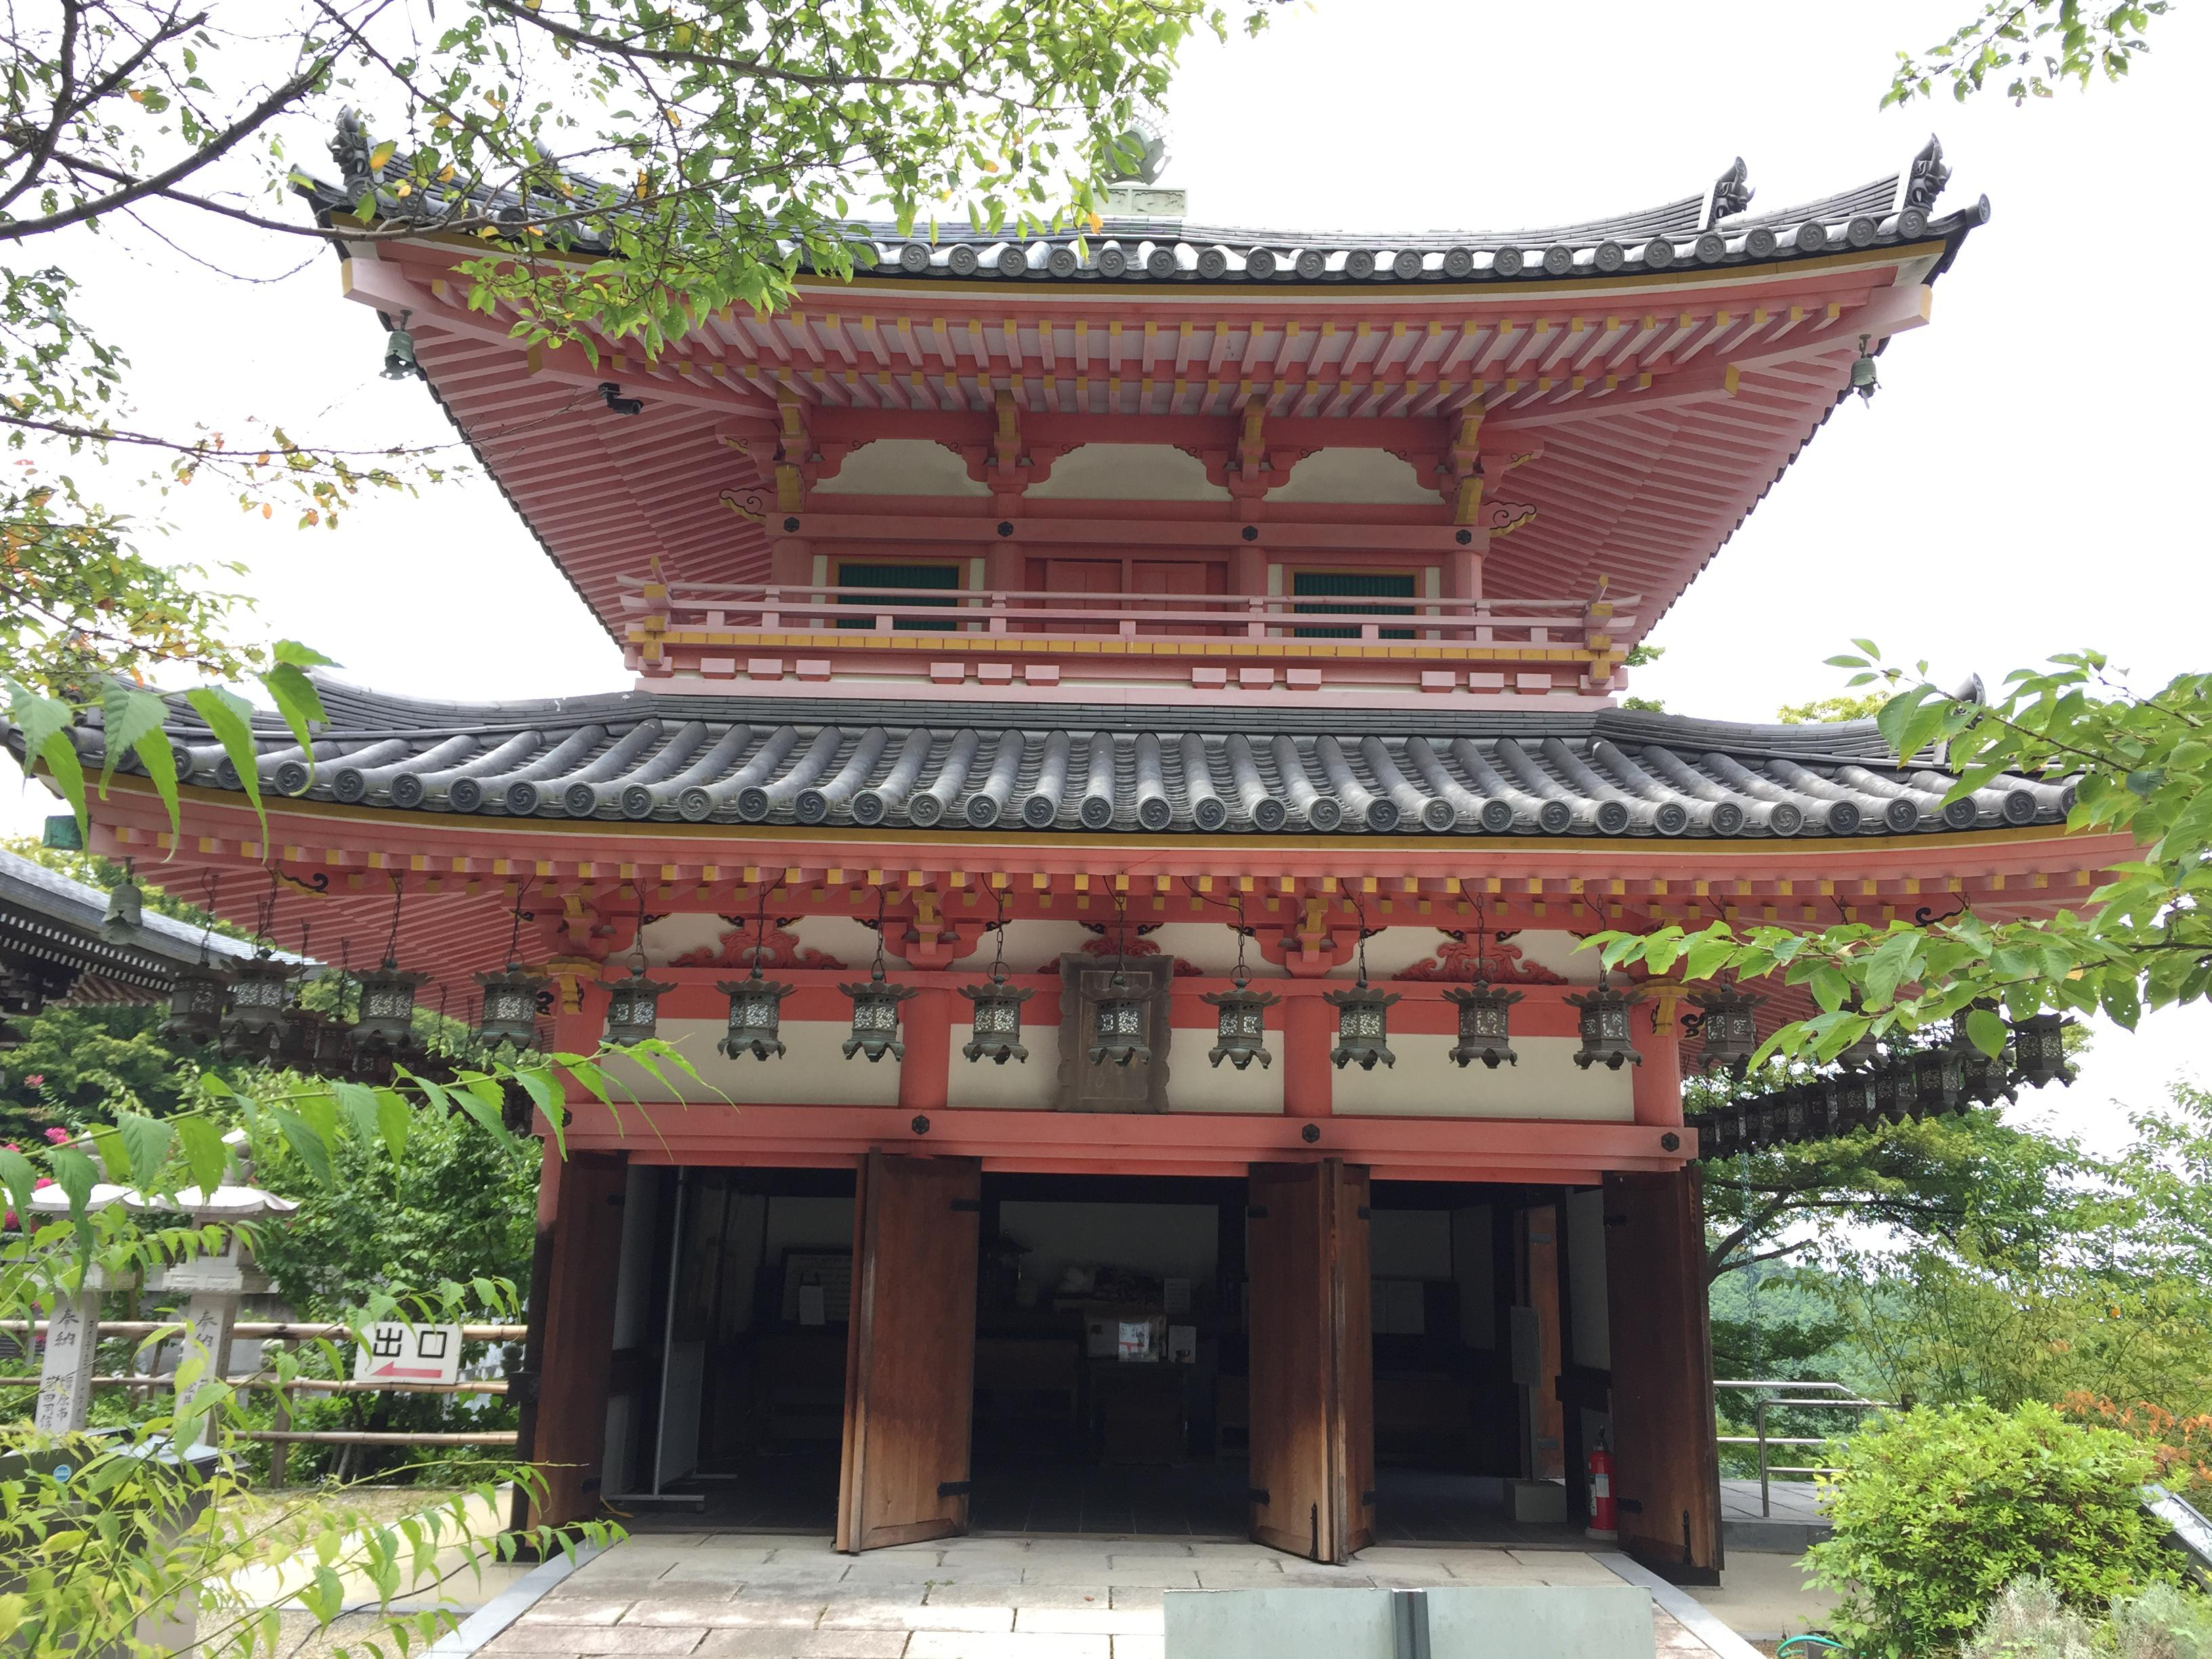 南法華寺(壷阪寺)の本殿